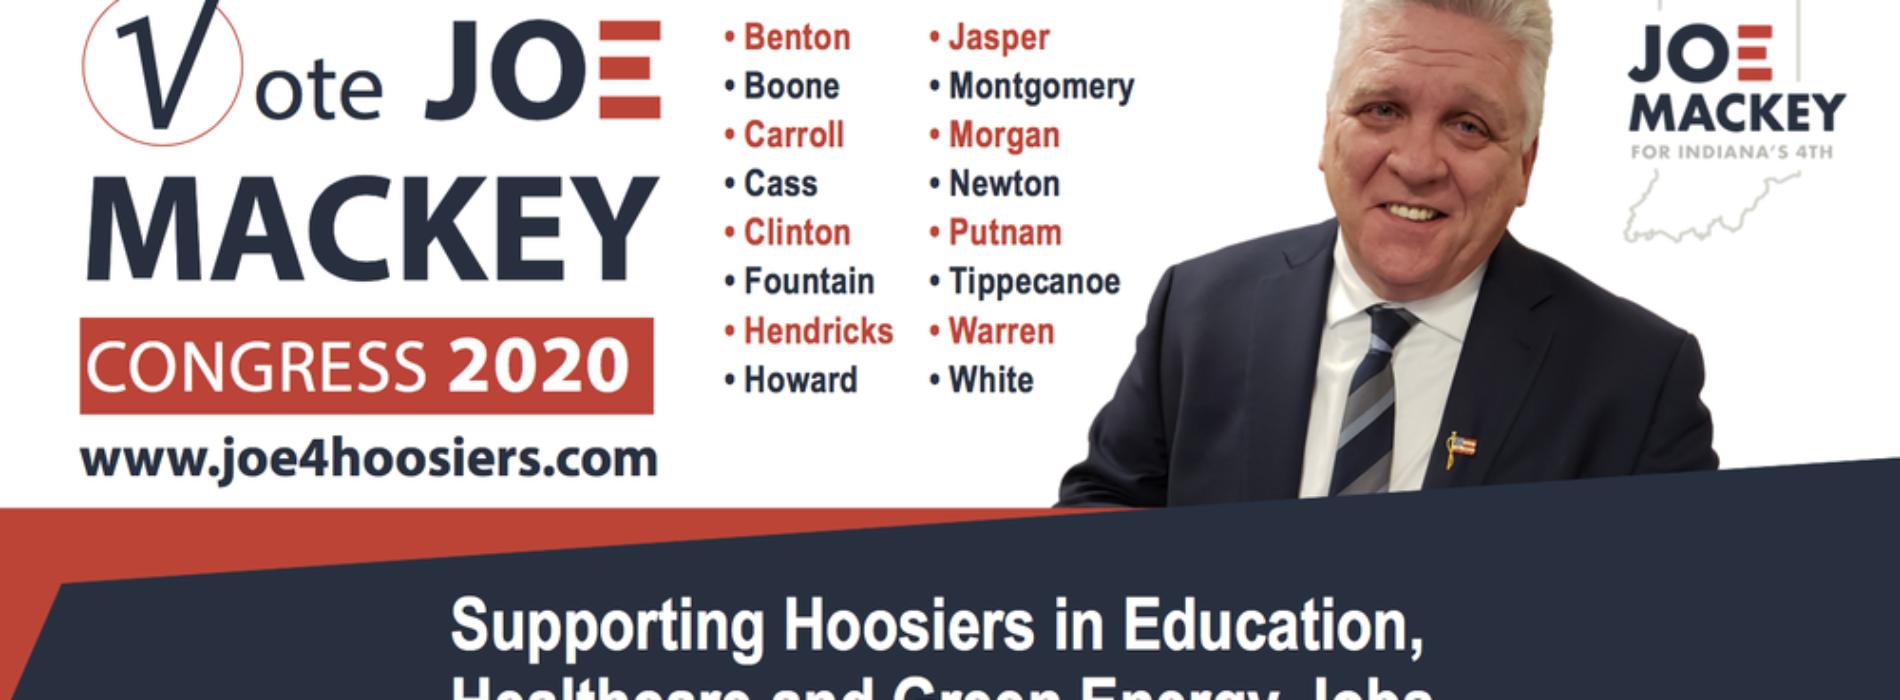 Joe Mackey releases new radio ad Indiana's 4th CD race